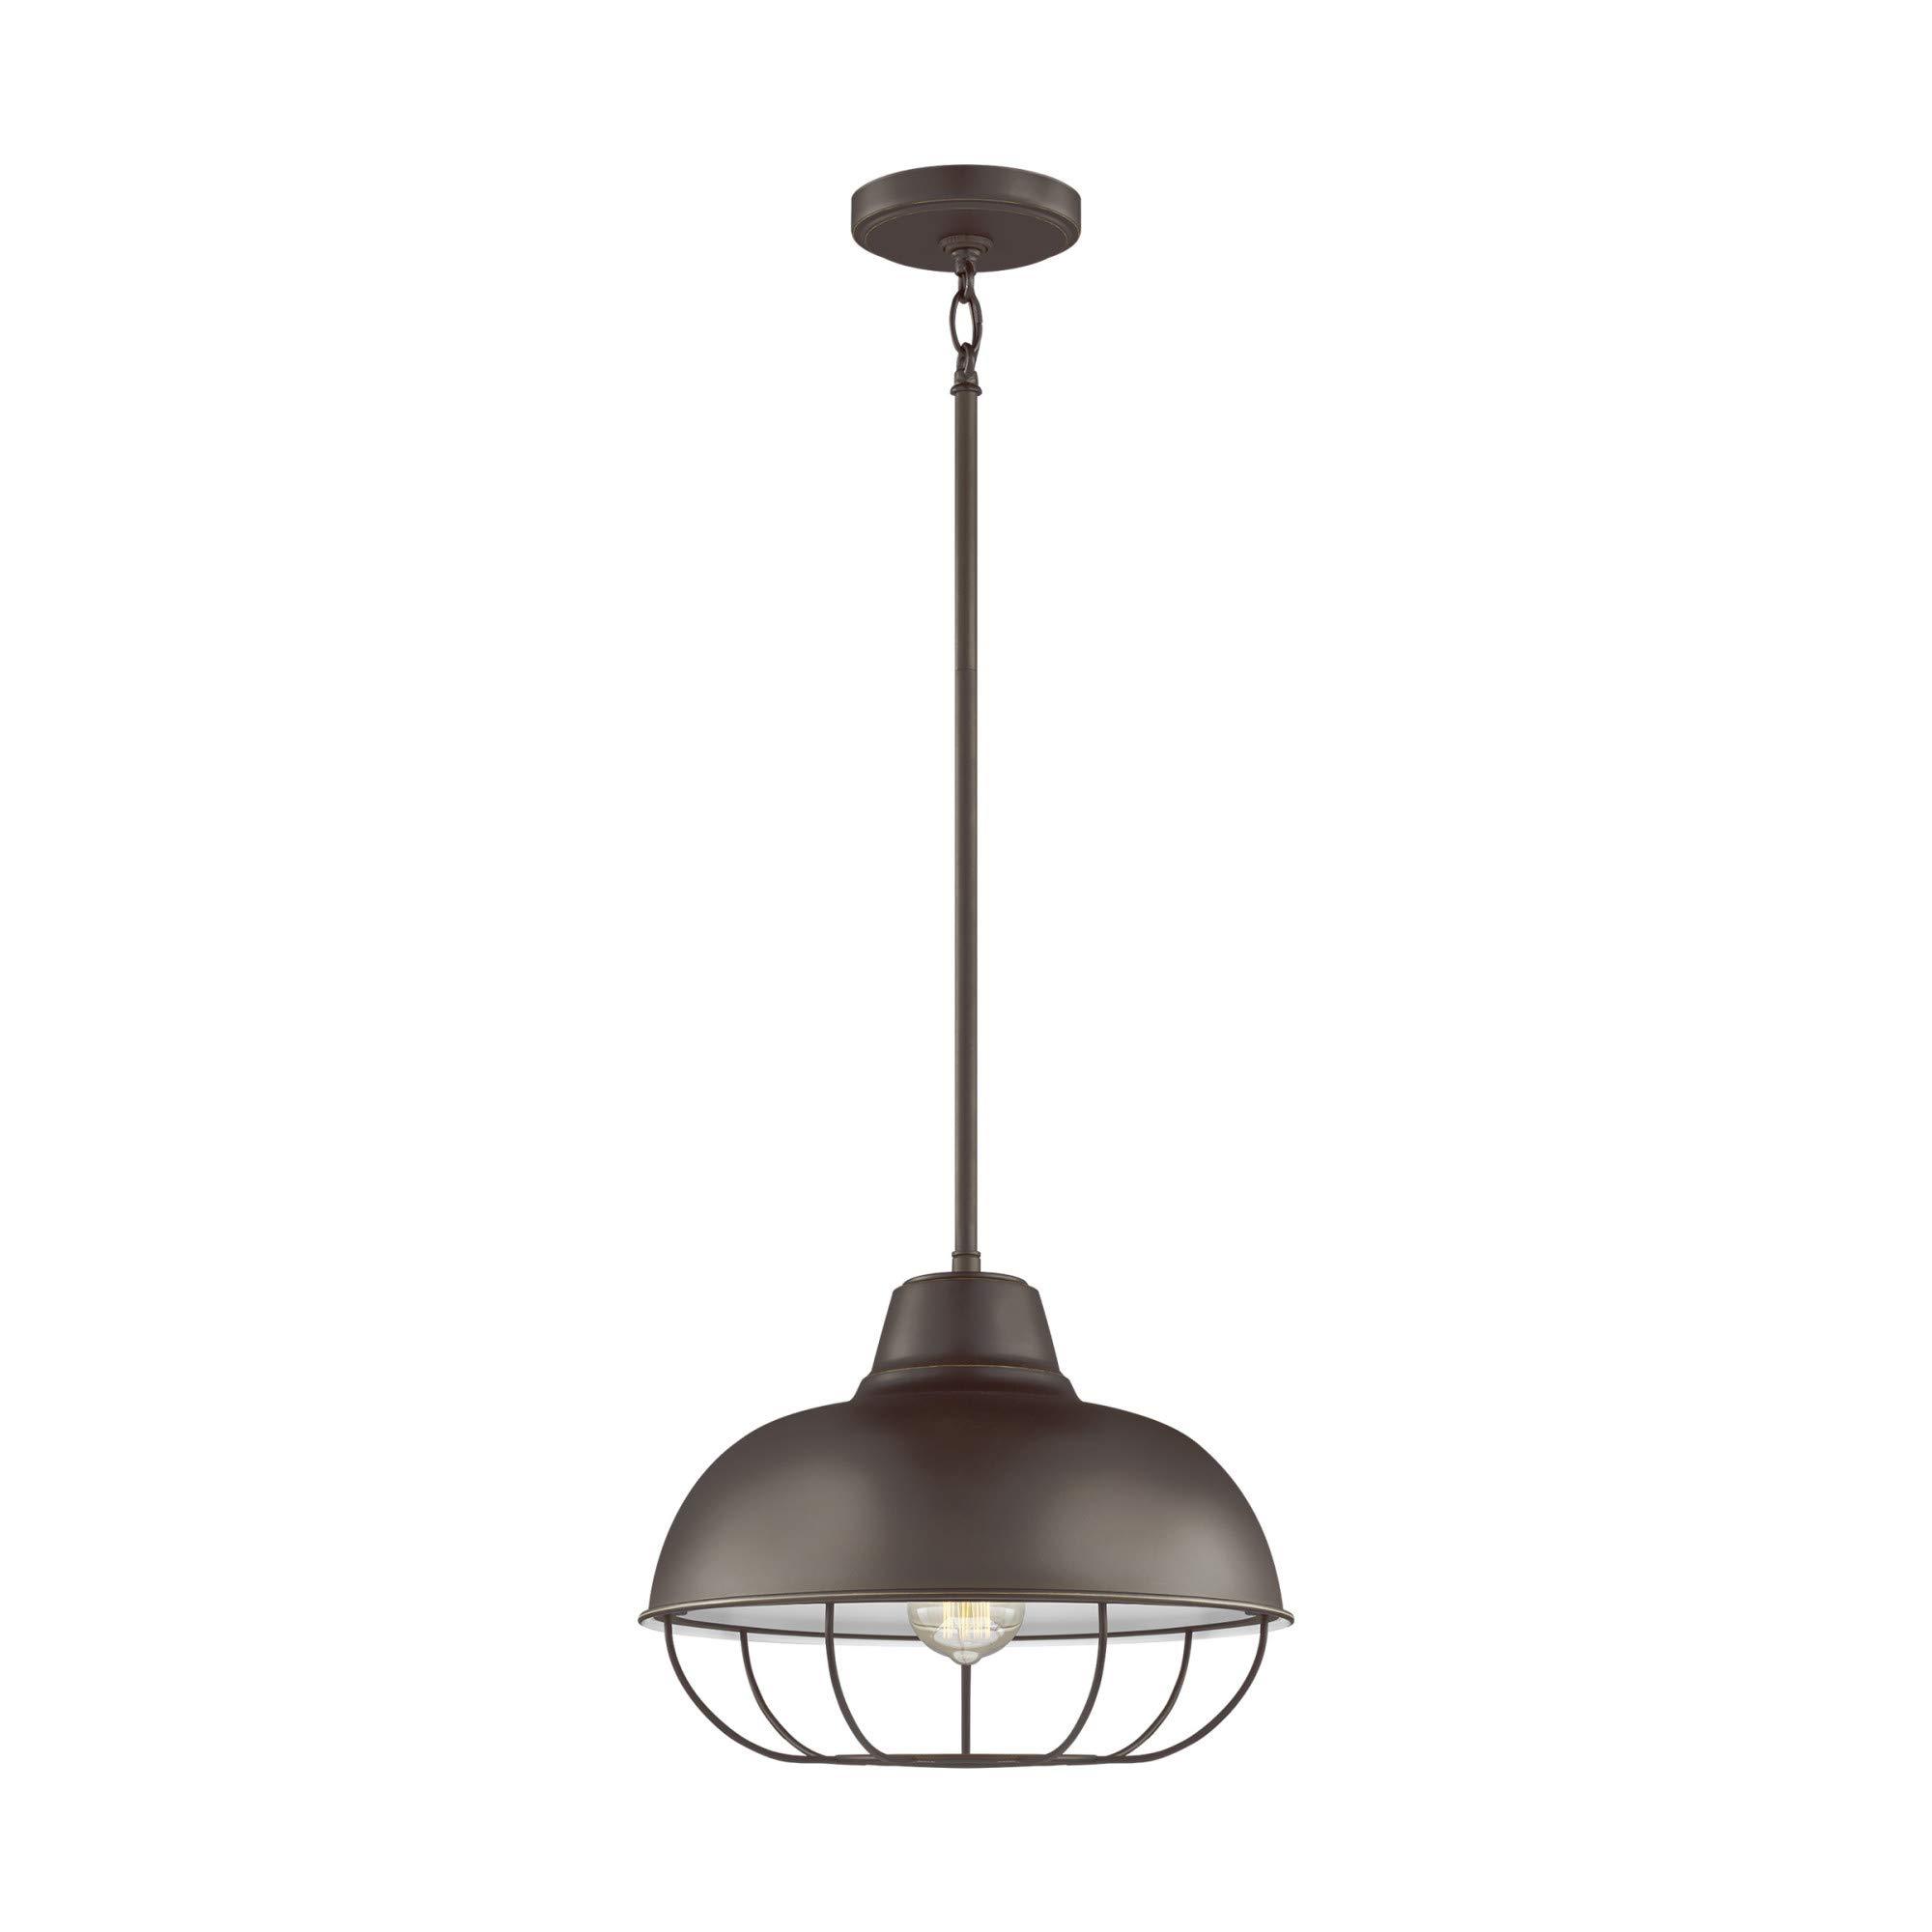 Sea Gull Lighting 6746501EN3-782 One Light Pendant Heirloom Bronze